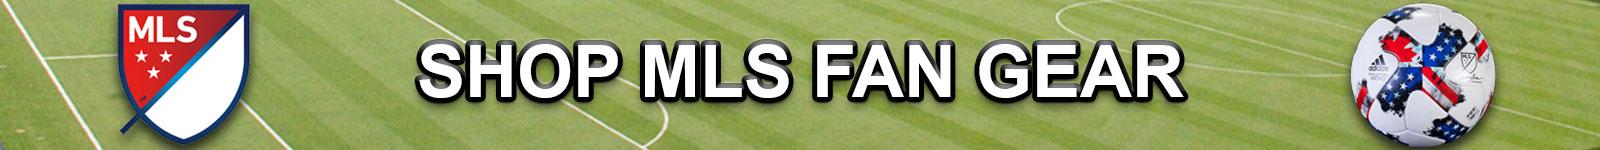 Shop MLS Apparel and Team Fan Gear